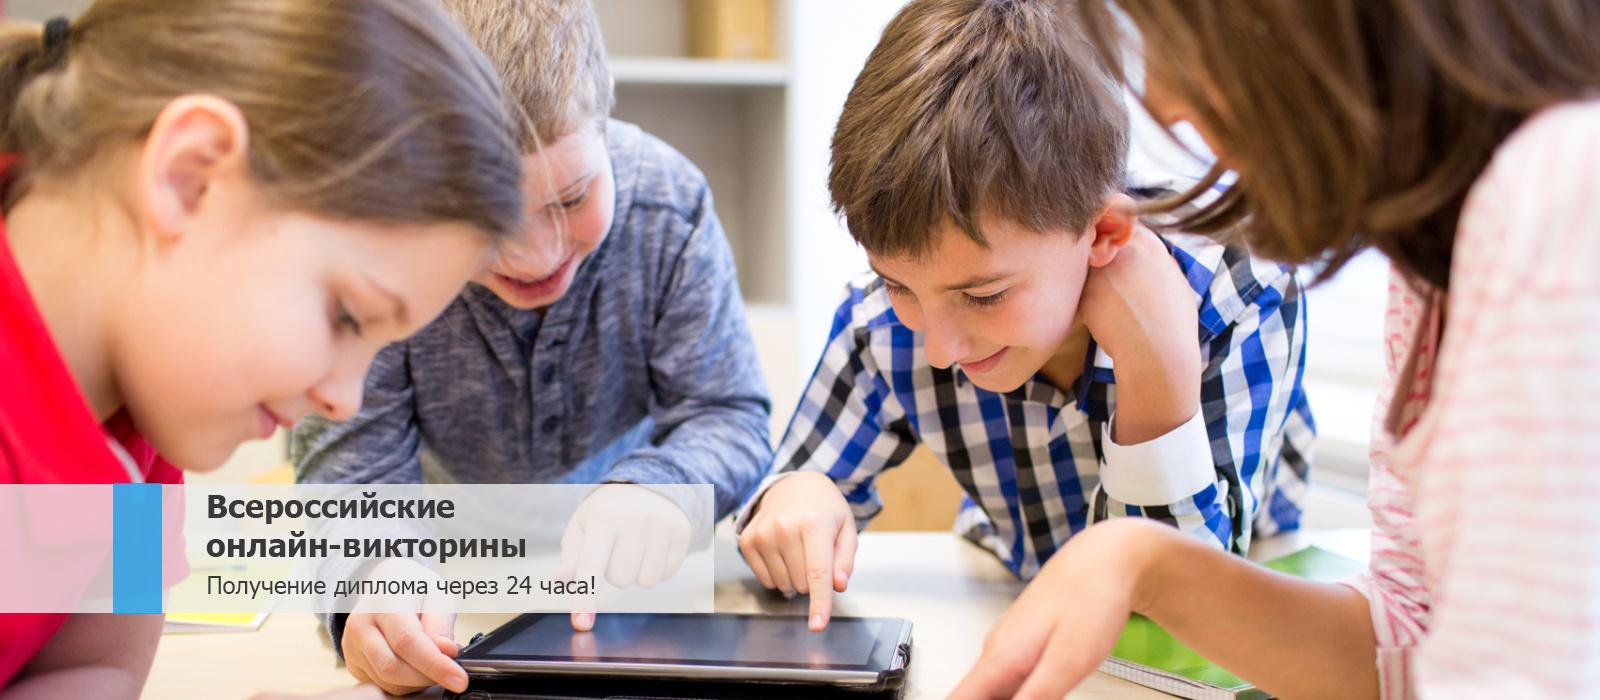 Всероссийские онлайн-викторины